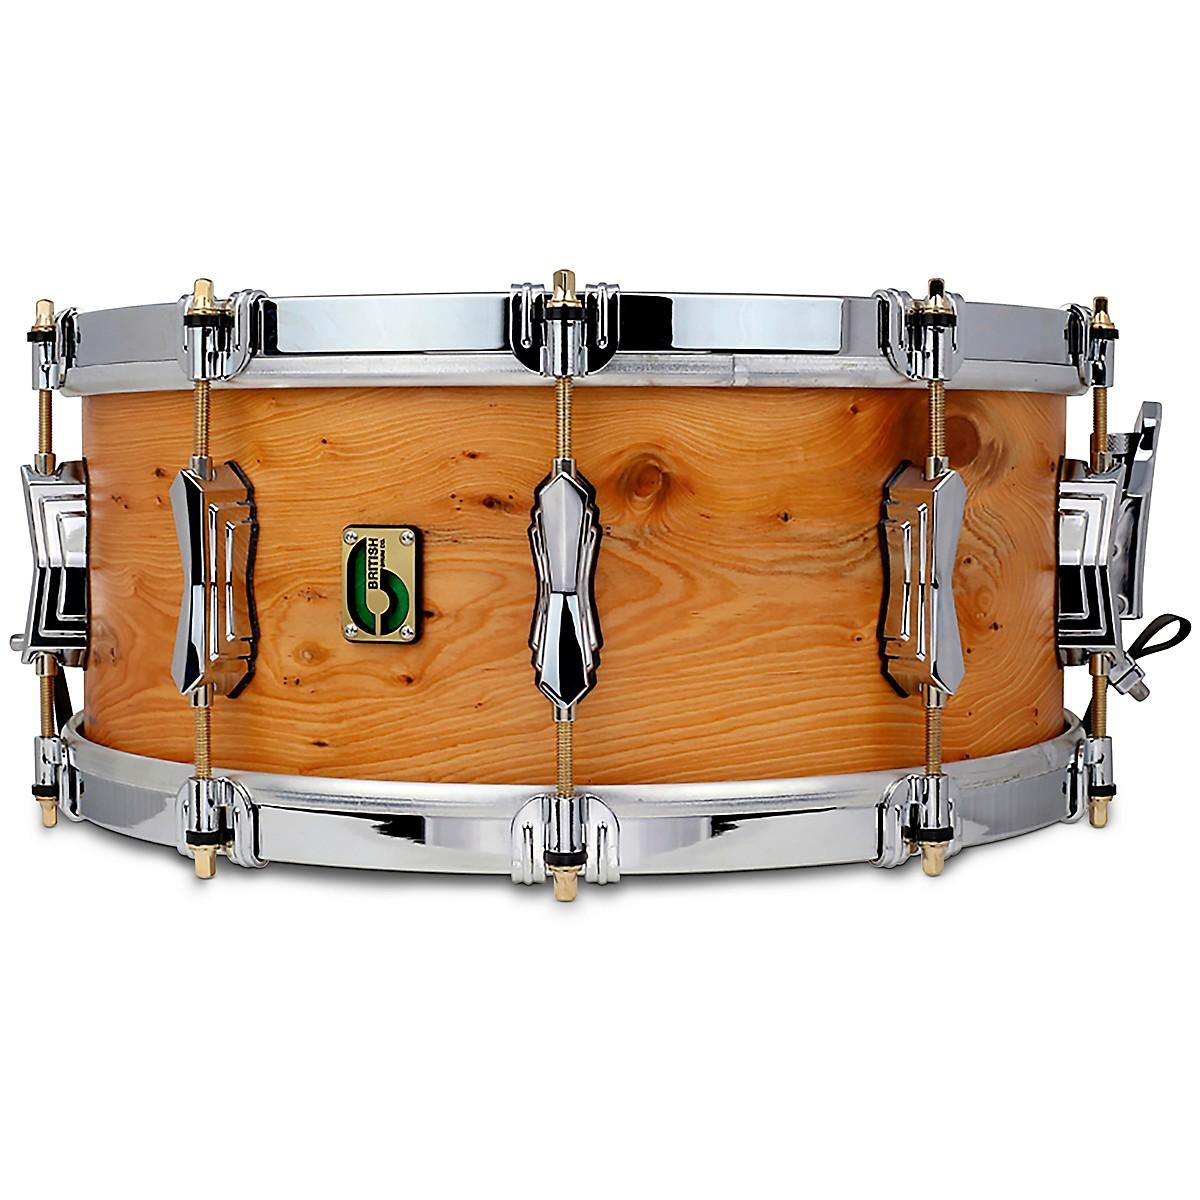 British Drum Co. Archer Snare Drum